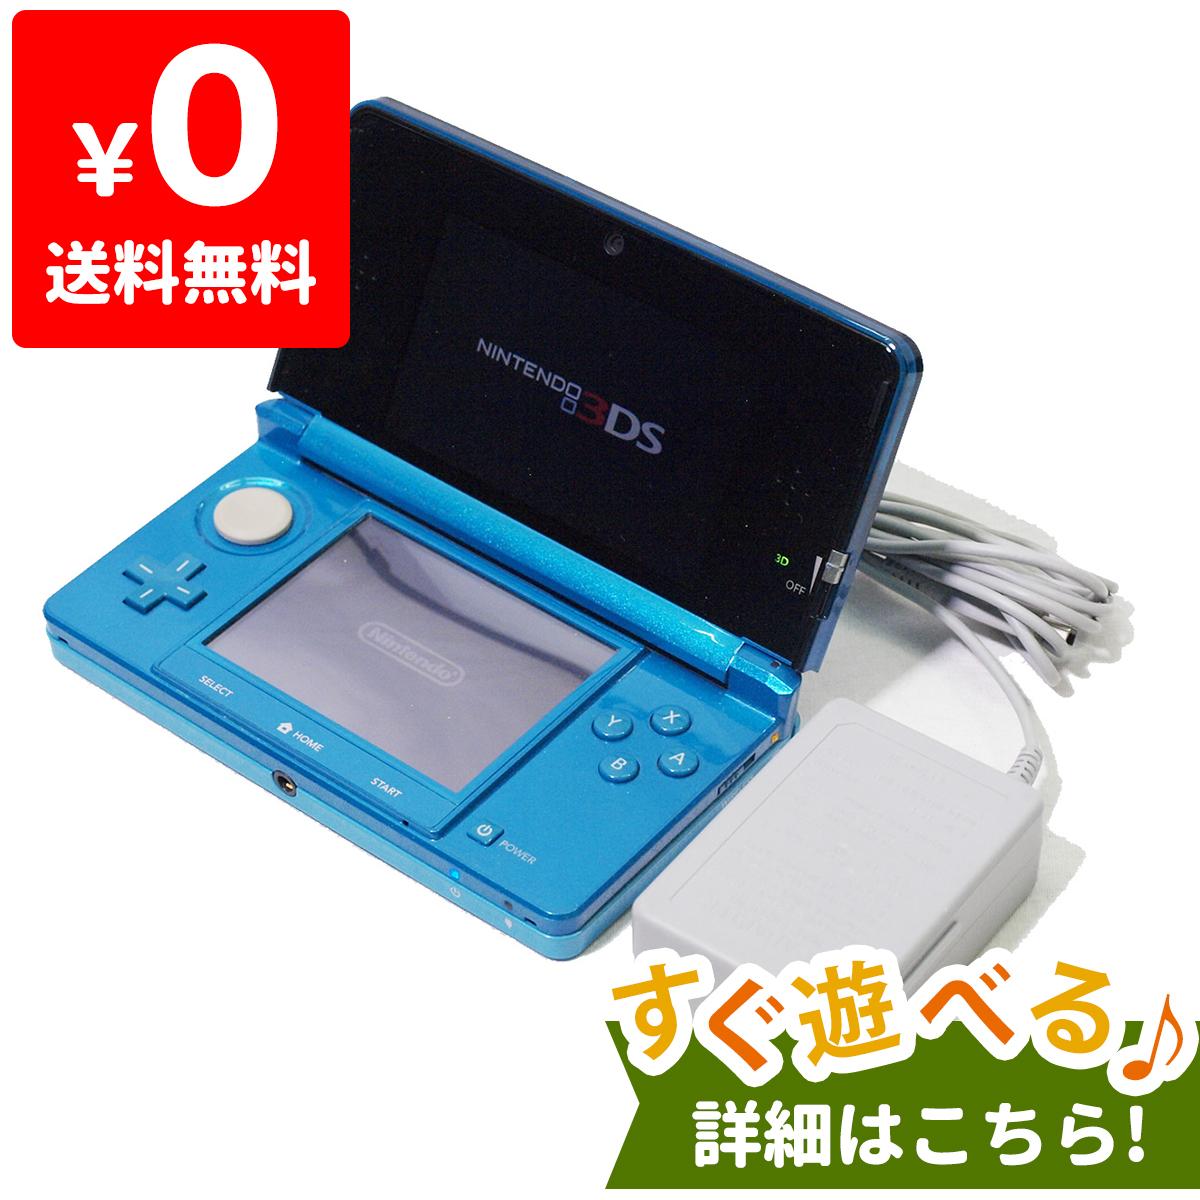 3DS ニンテンドー3DS アクアブルーCTR-S-BAAA 本体 すぐ遊べるセット Nintendo 任天堂 ニンテンドー 中古 4902370518764 送料無料 【中古】